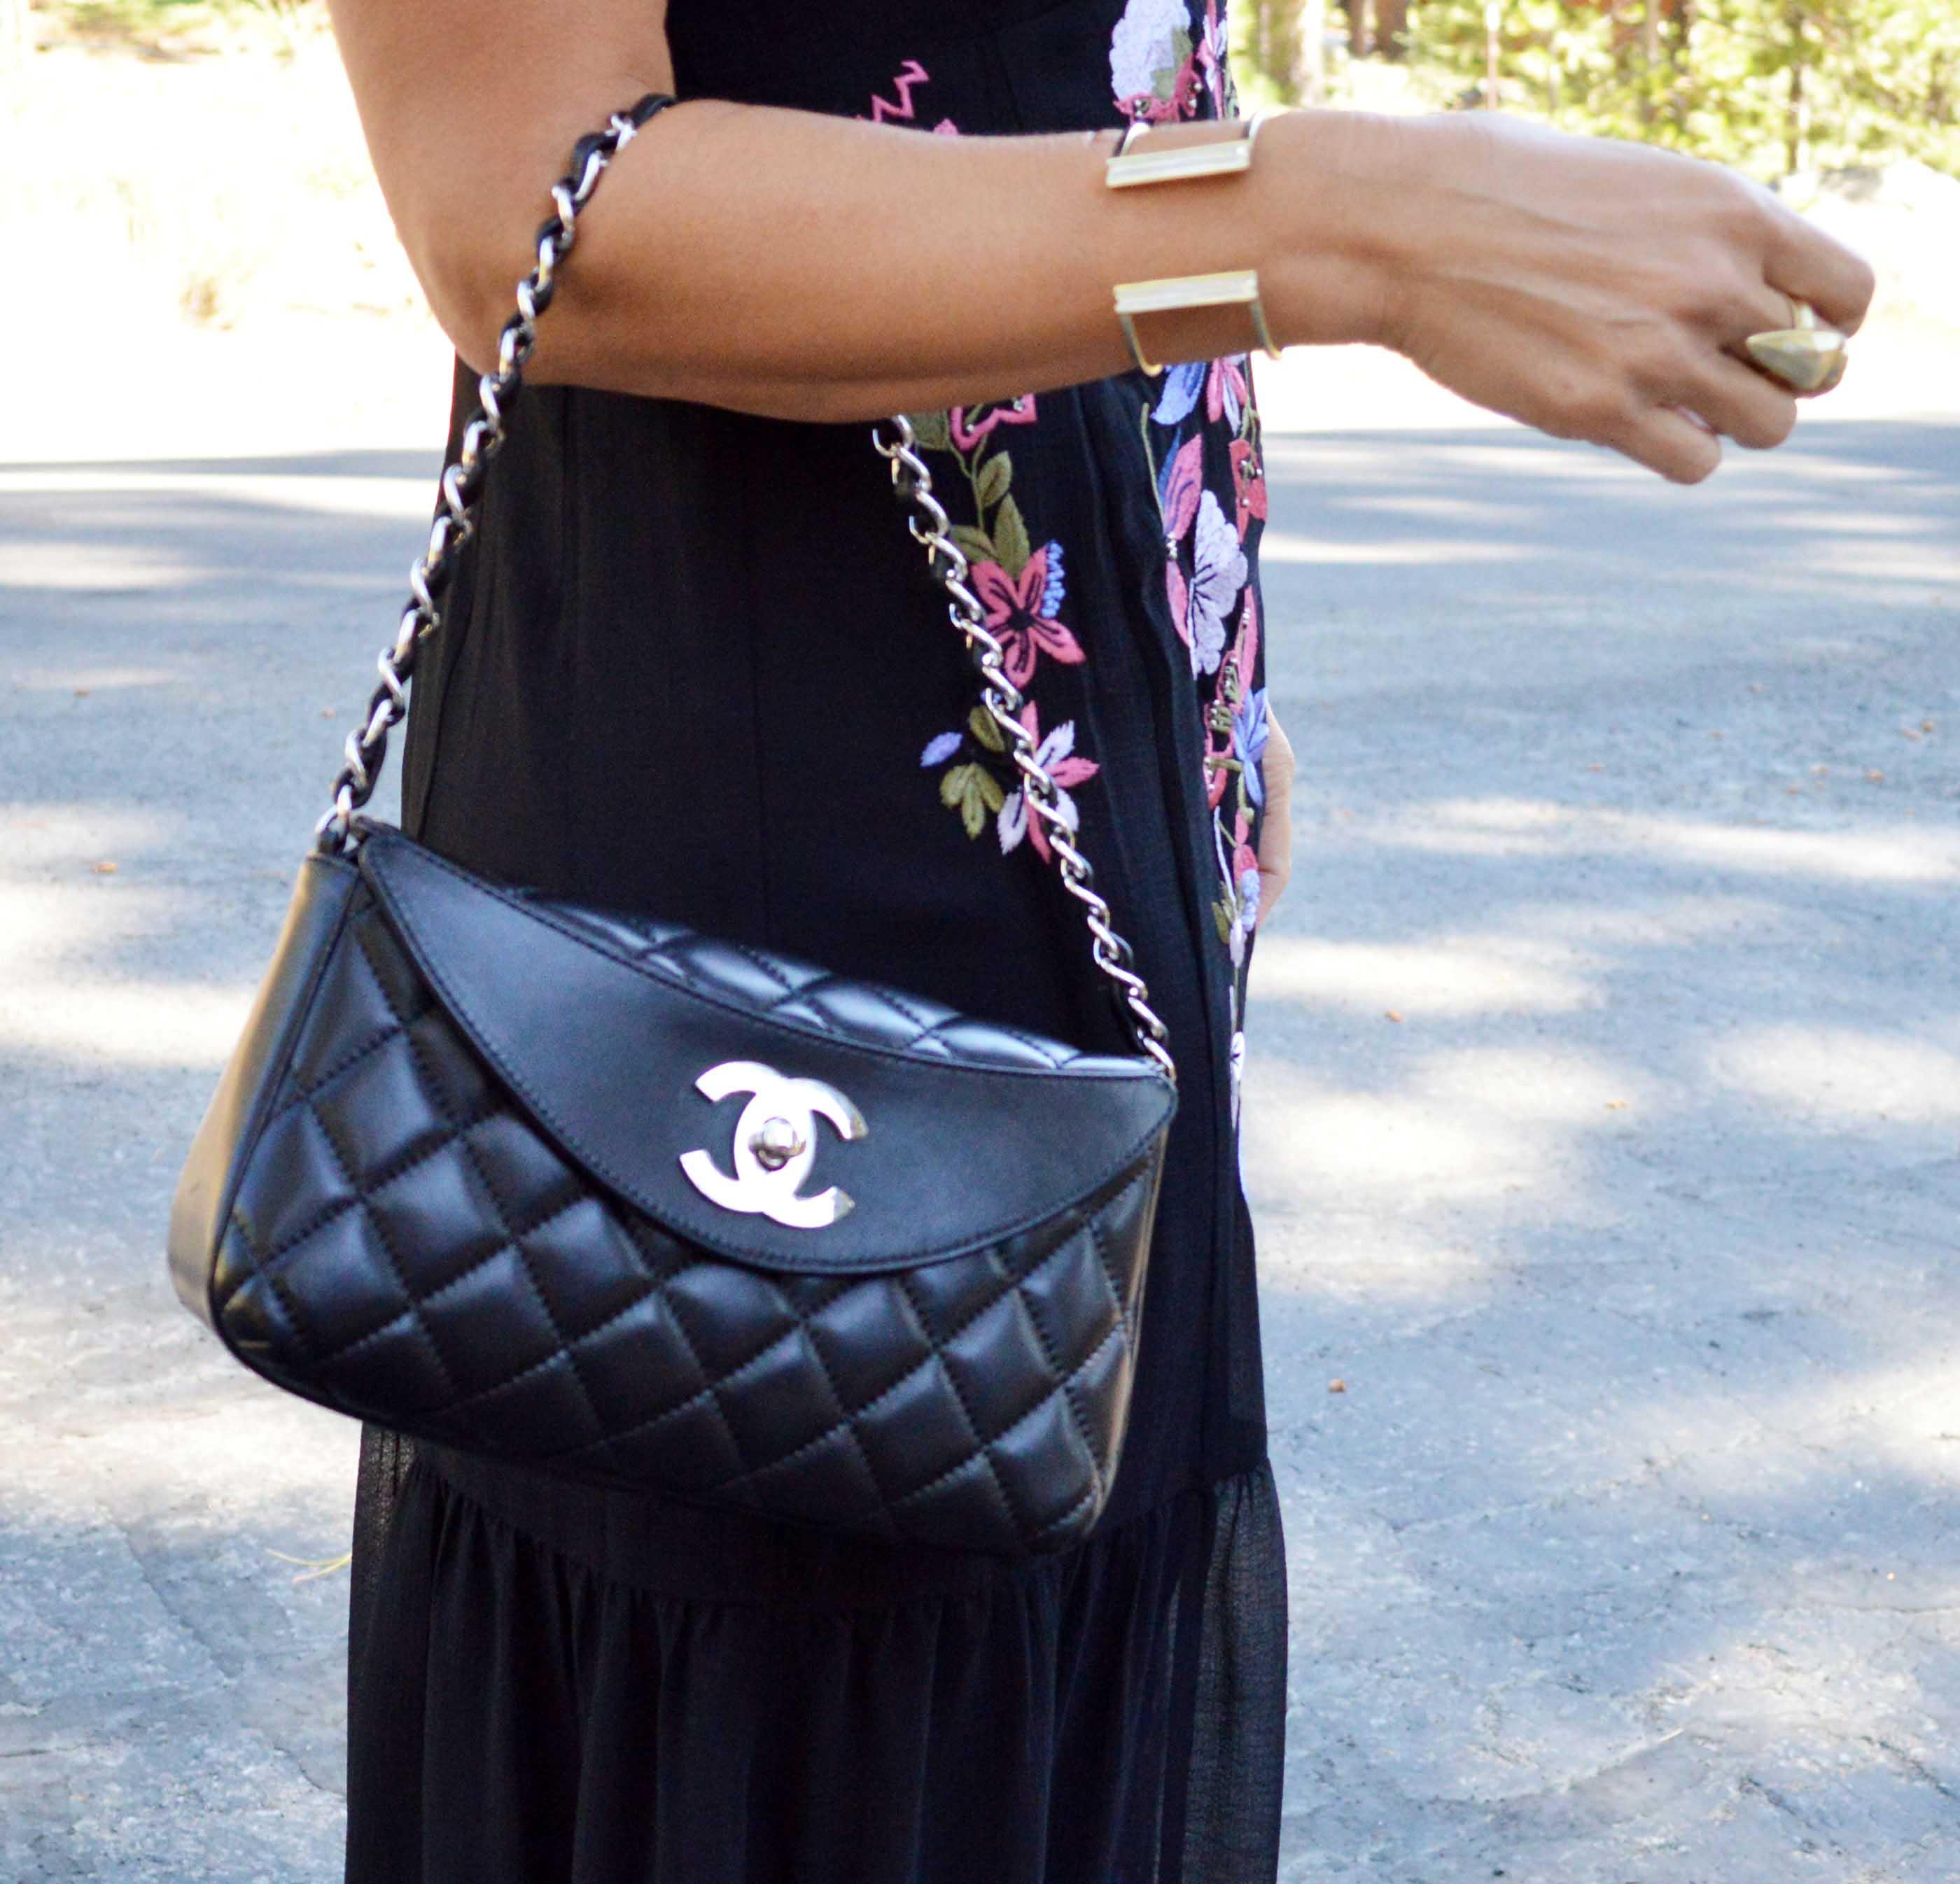 daytime fundraiser handbag idea